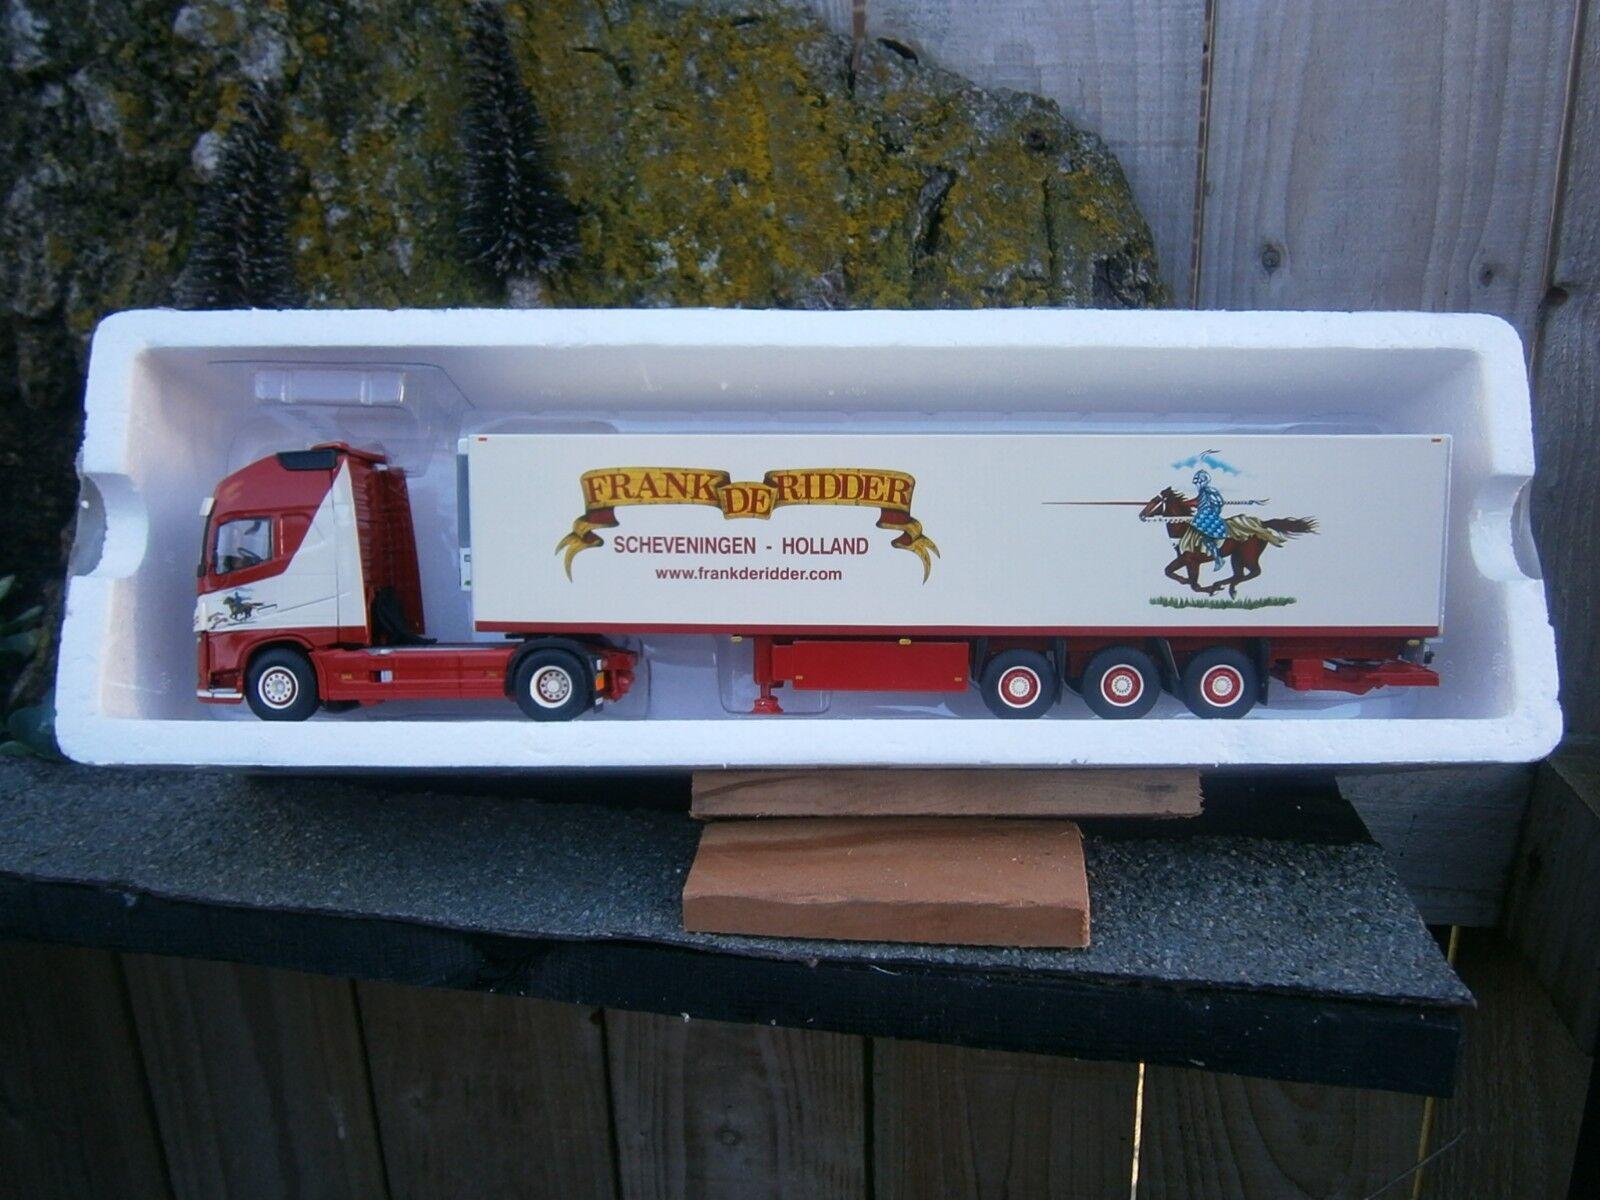 WSI camions transport lourd Frank de Ridder transport échelle 1.50